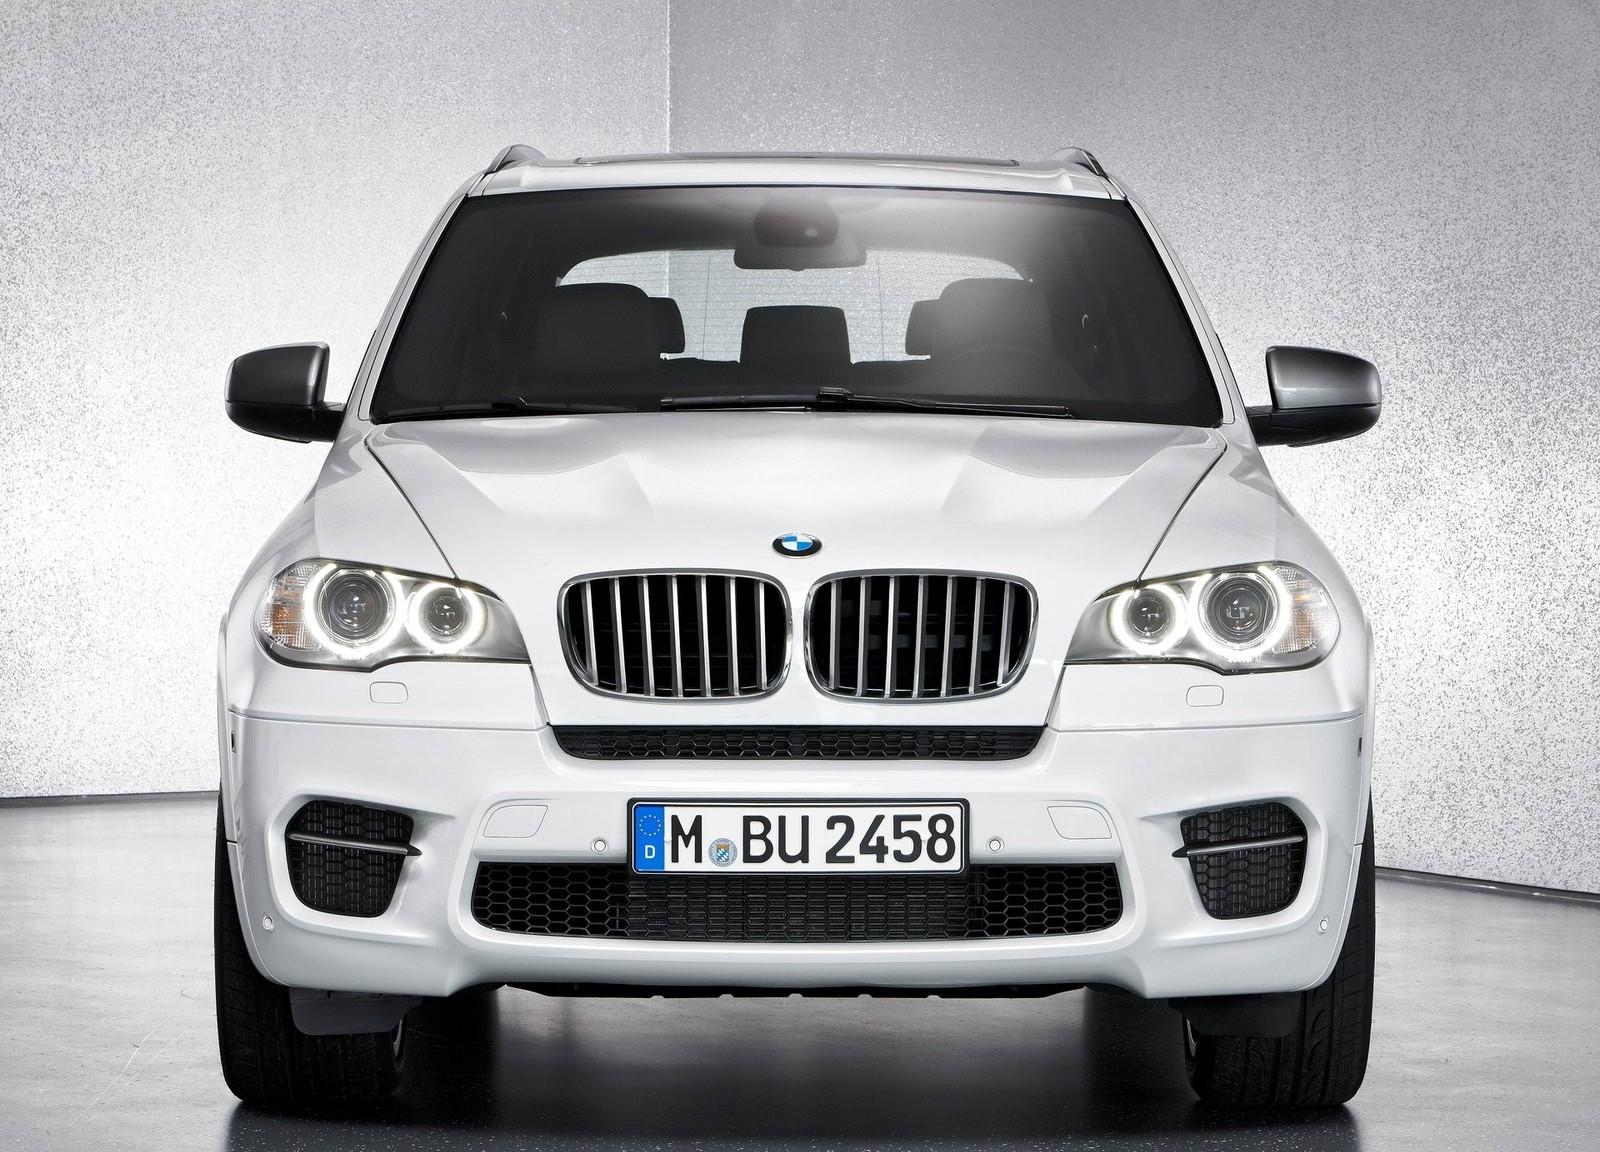 http://1.bp.blogspot.com/-f2WrziJN0tg/UKyyTRg_h_I/AAAAAAAABak/d6DCjjsJtac/s1600/2013+BMW+X5+M50d+4.jpg